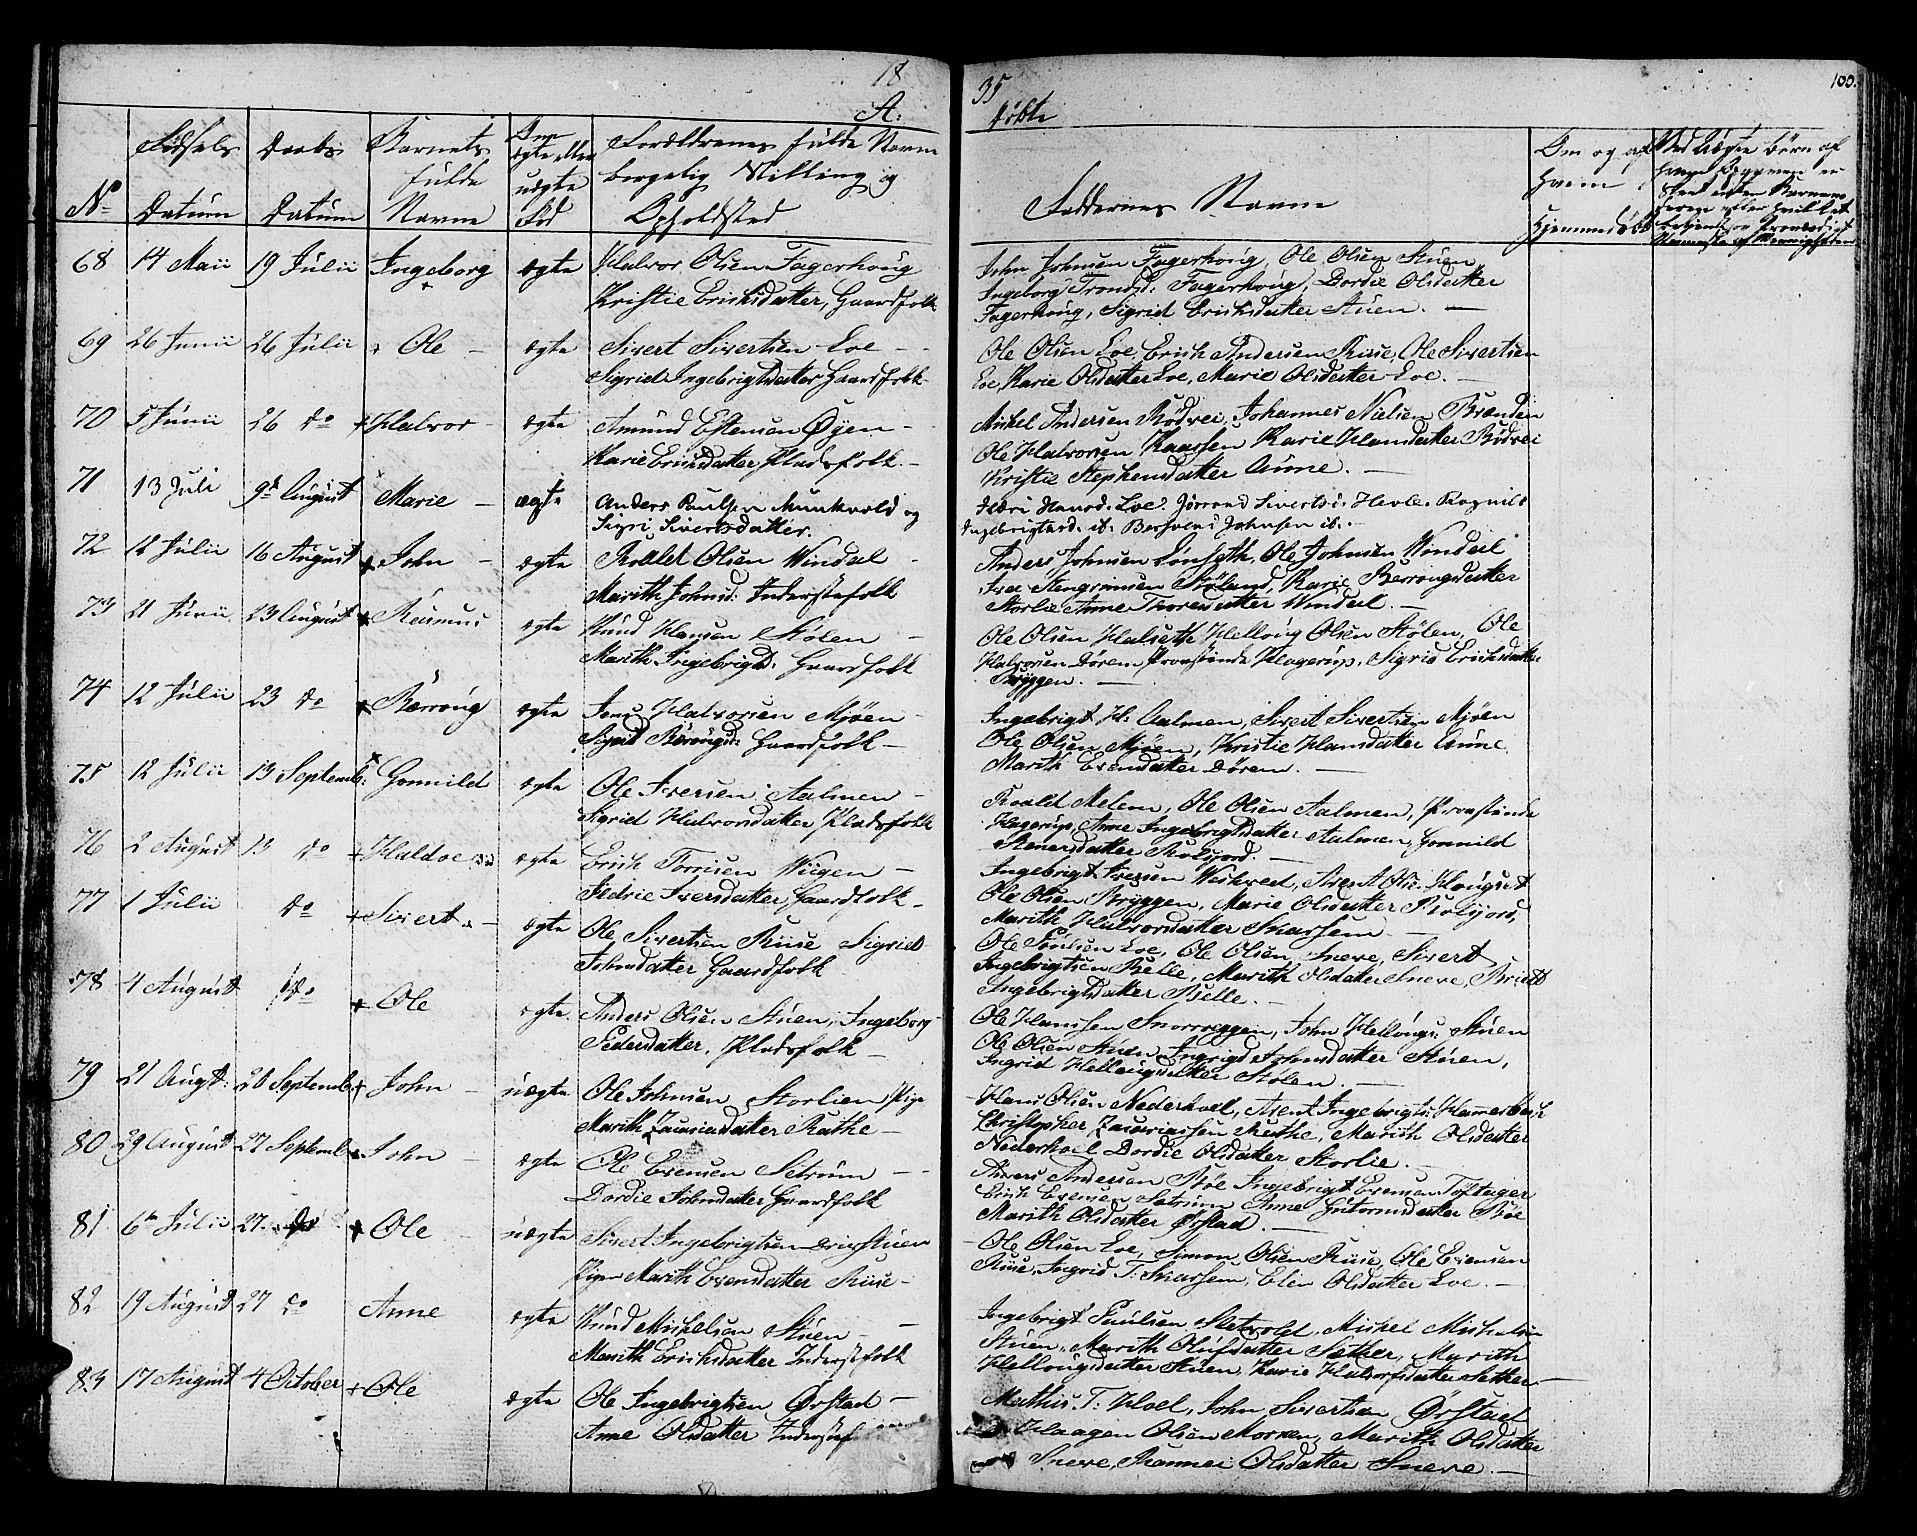 SAT, Ministerialprotokoller, klokkerbøker og fødselsregistre - Sør-Trøndelag, 678/L0897: Ministerialbok nr. 678A06-07, 1821-1847, s. 100